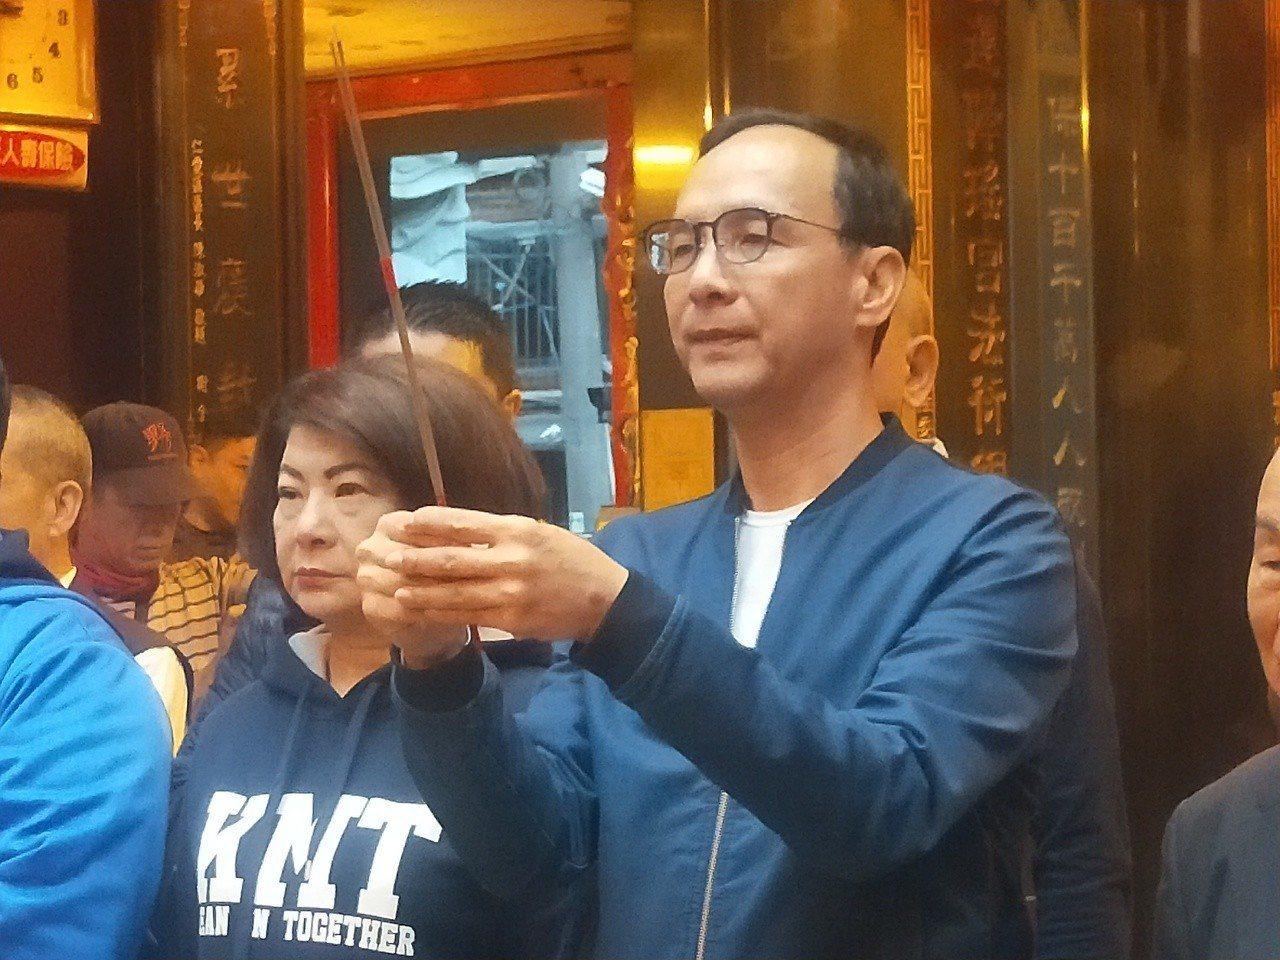 朱立倫上午說,國民黨如果要徵召韓市長就大大方方,越早表態越好,不要造成黨內困擾,...